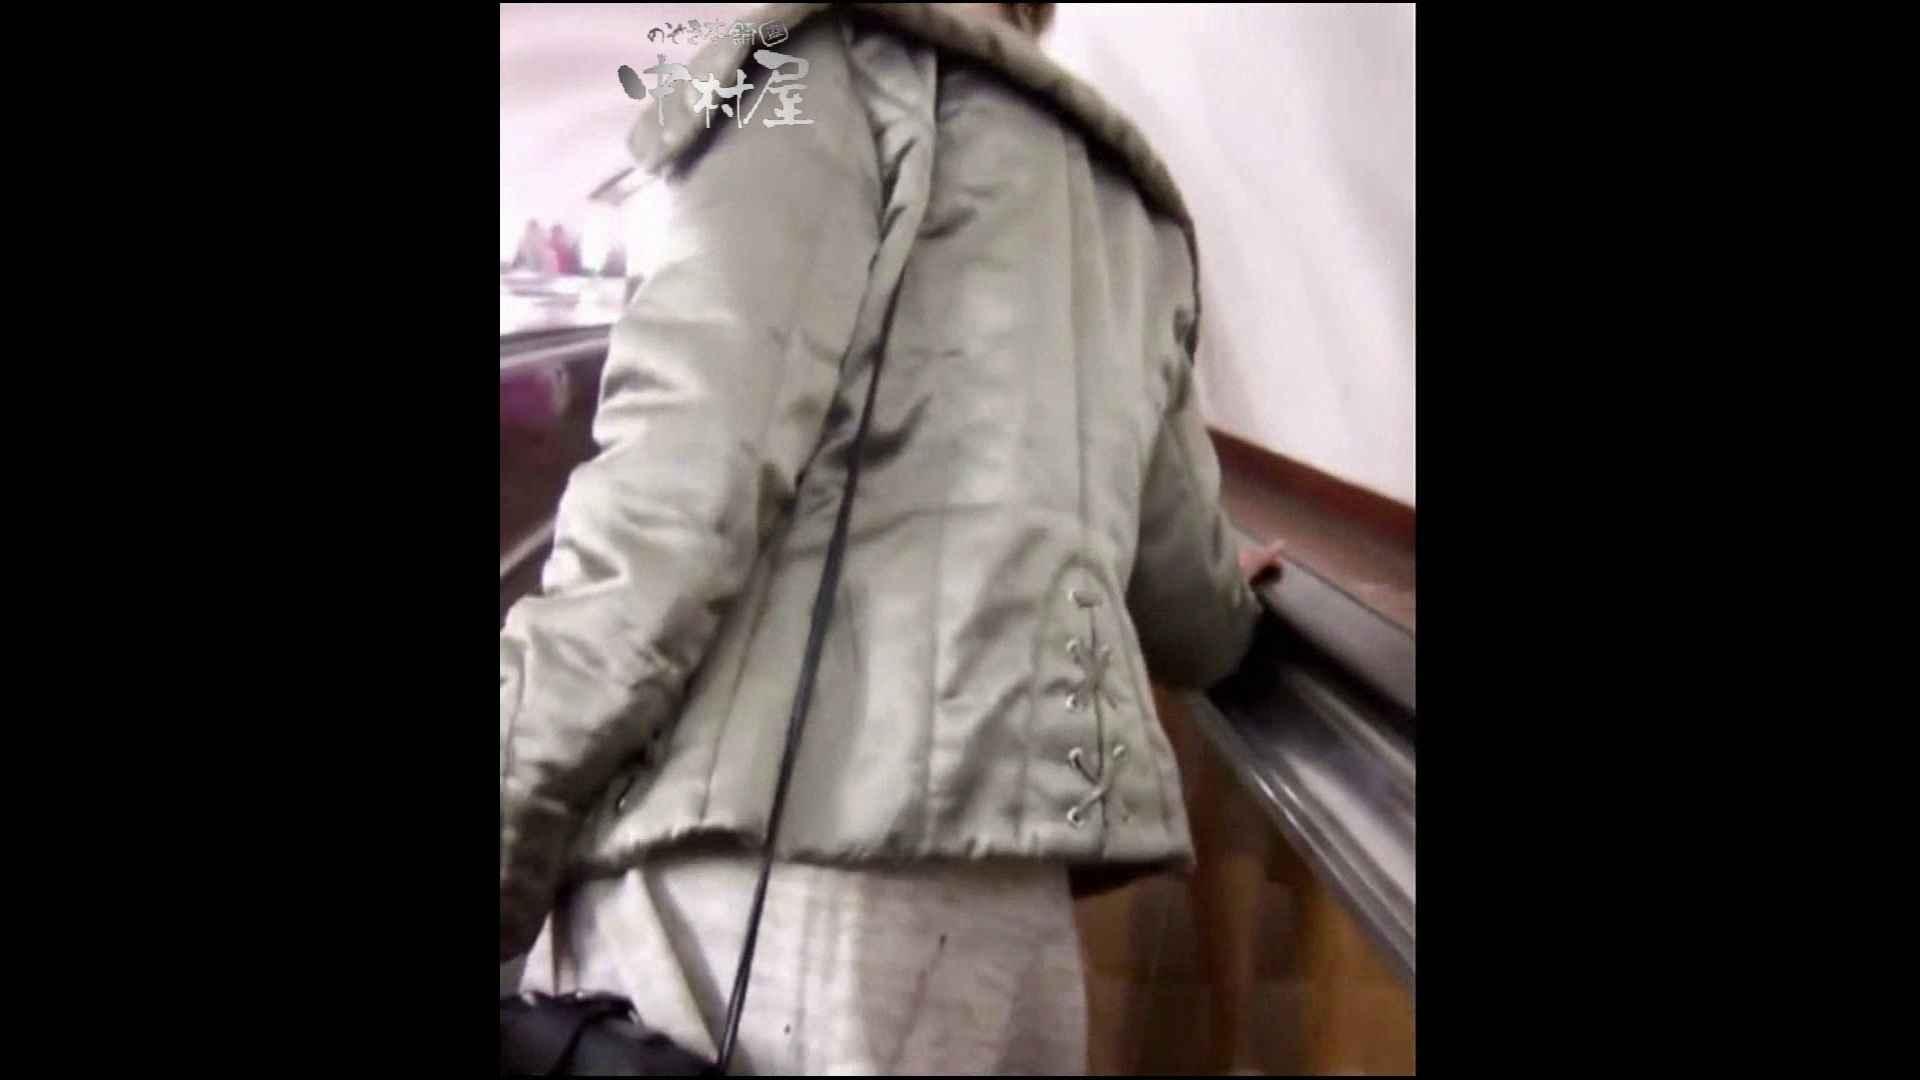 綺麗なモデルさんのスカート捲っちゃおう‼ vol23 エロいモデル スケベ動画紹介 35枚